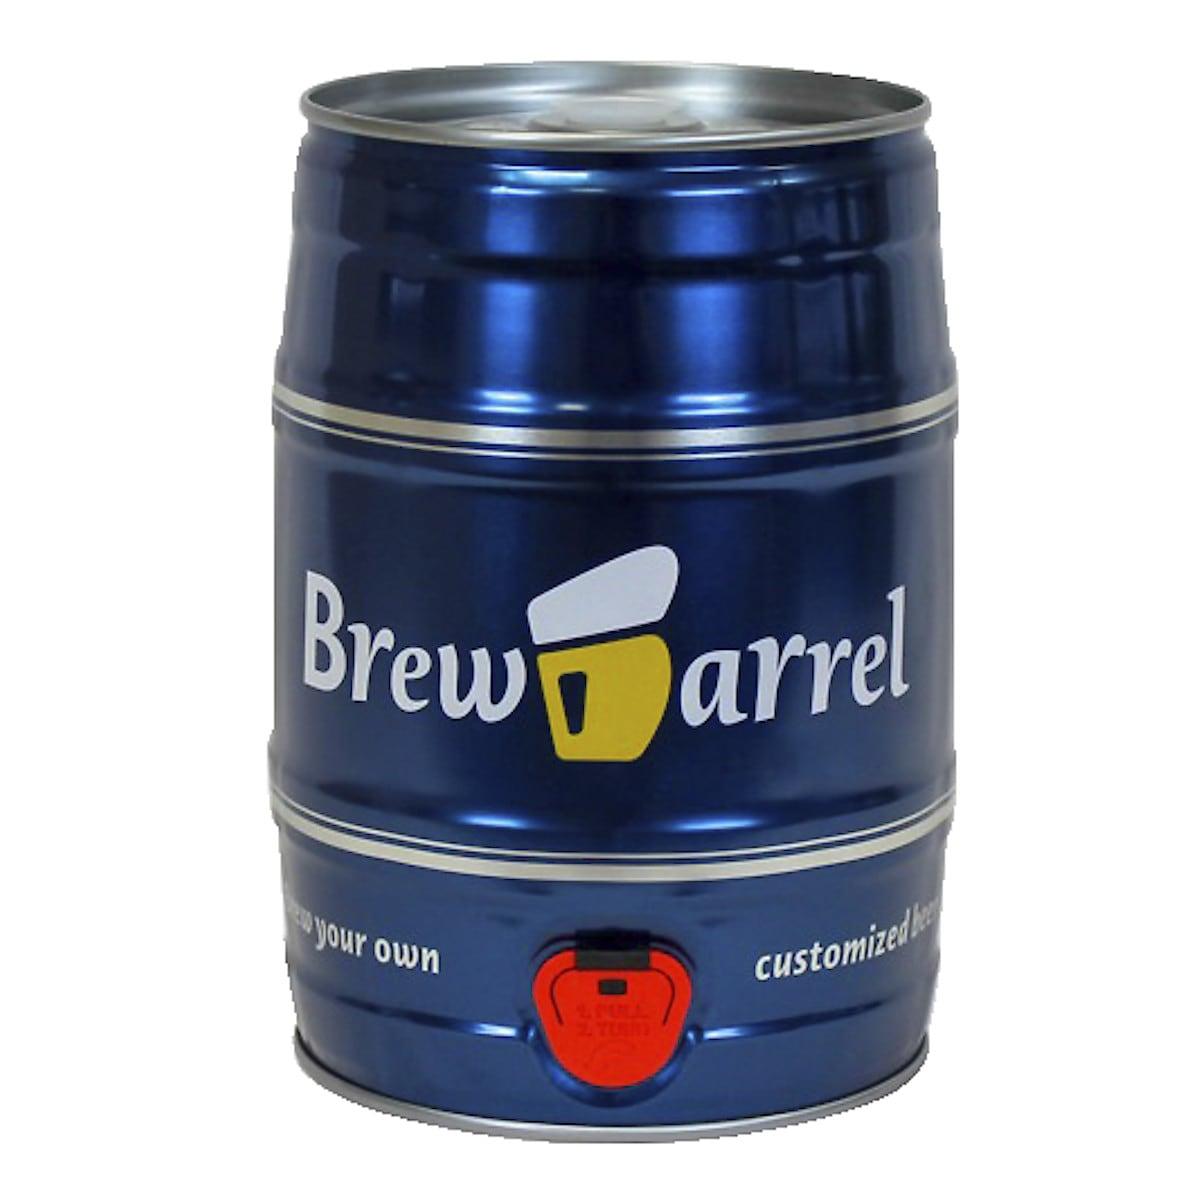 Brewbarrel IPA sett for ølbrygging